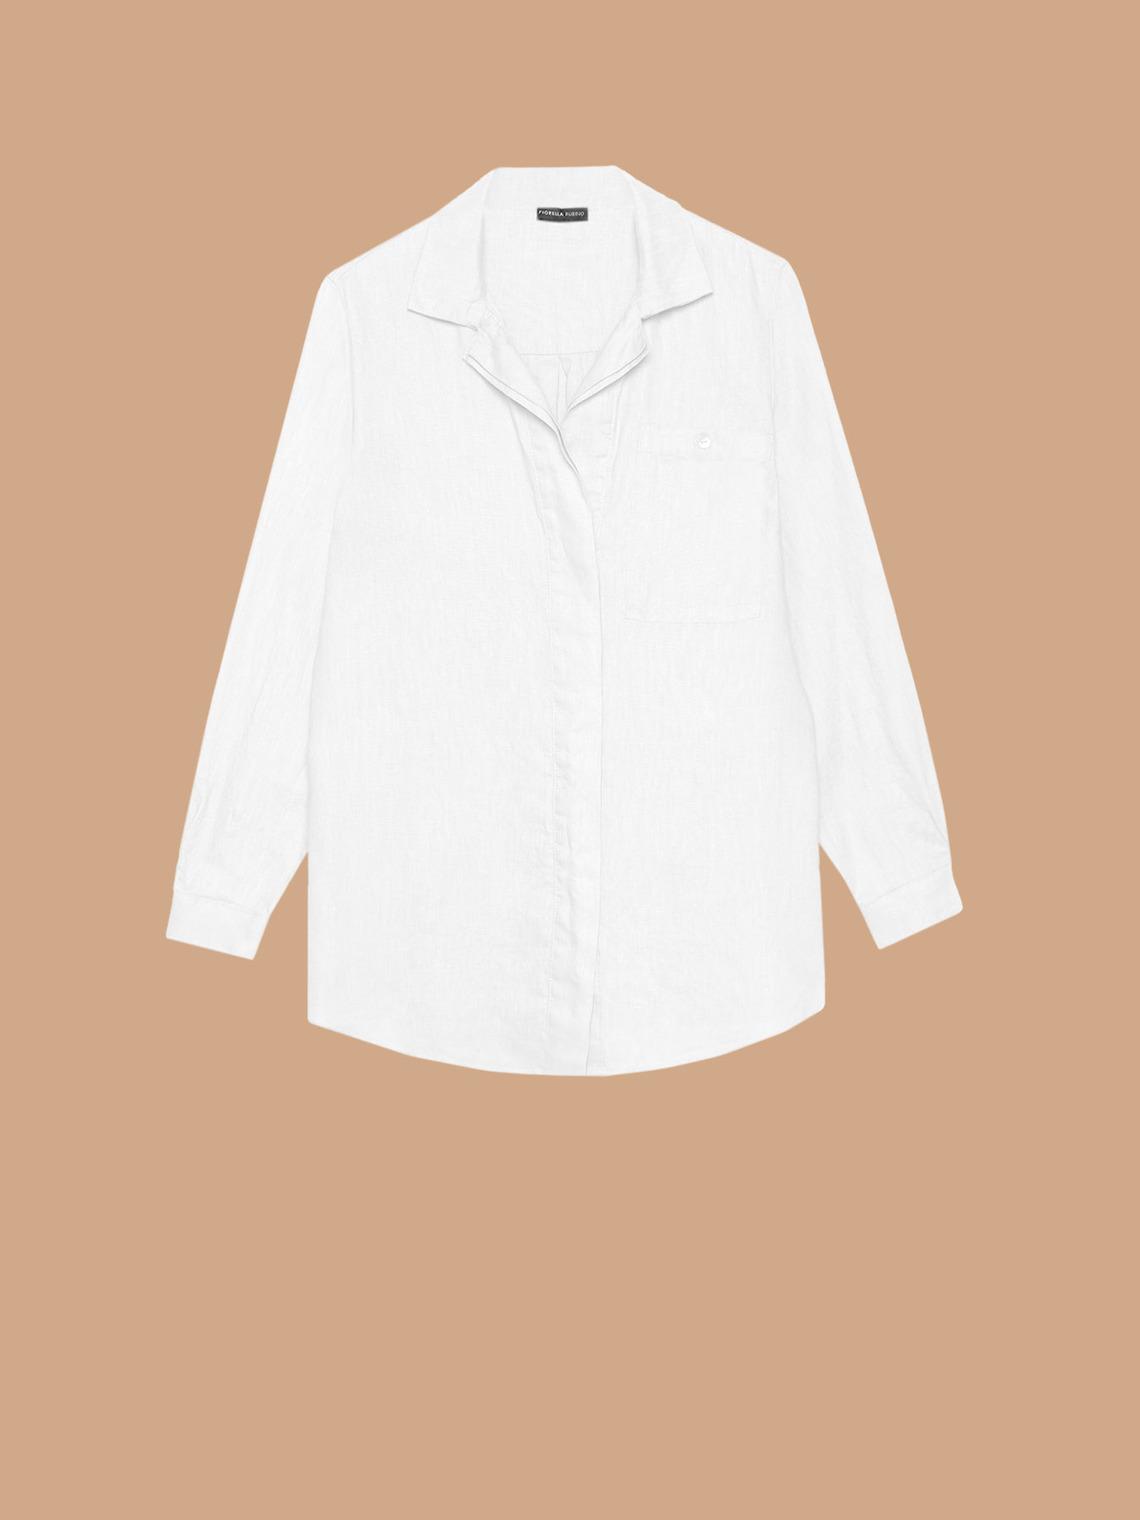 hot sale online fe024 2c773 Camicia ampia in lino - FiorellaRubino.com